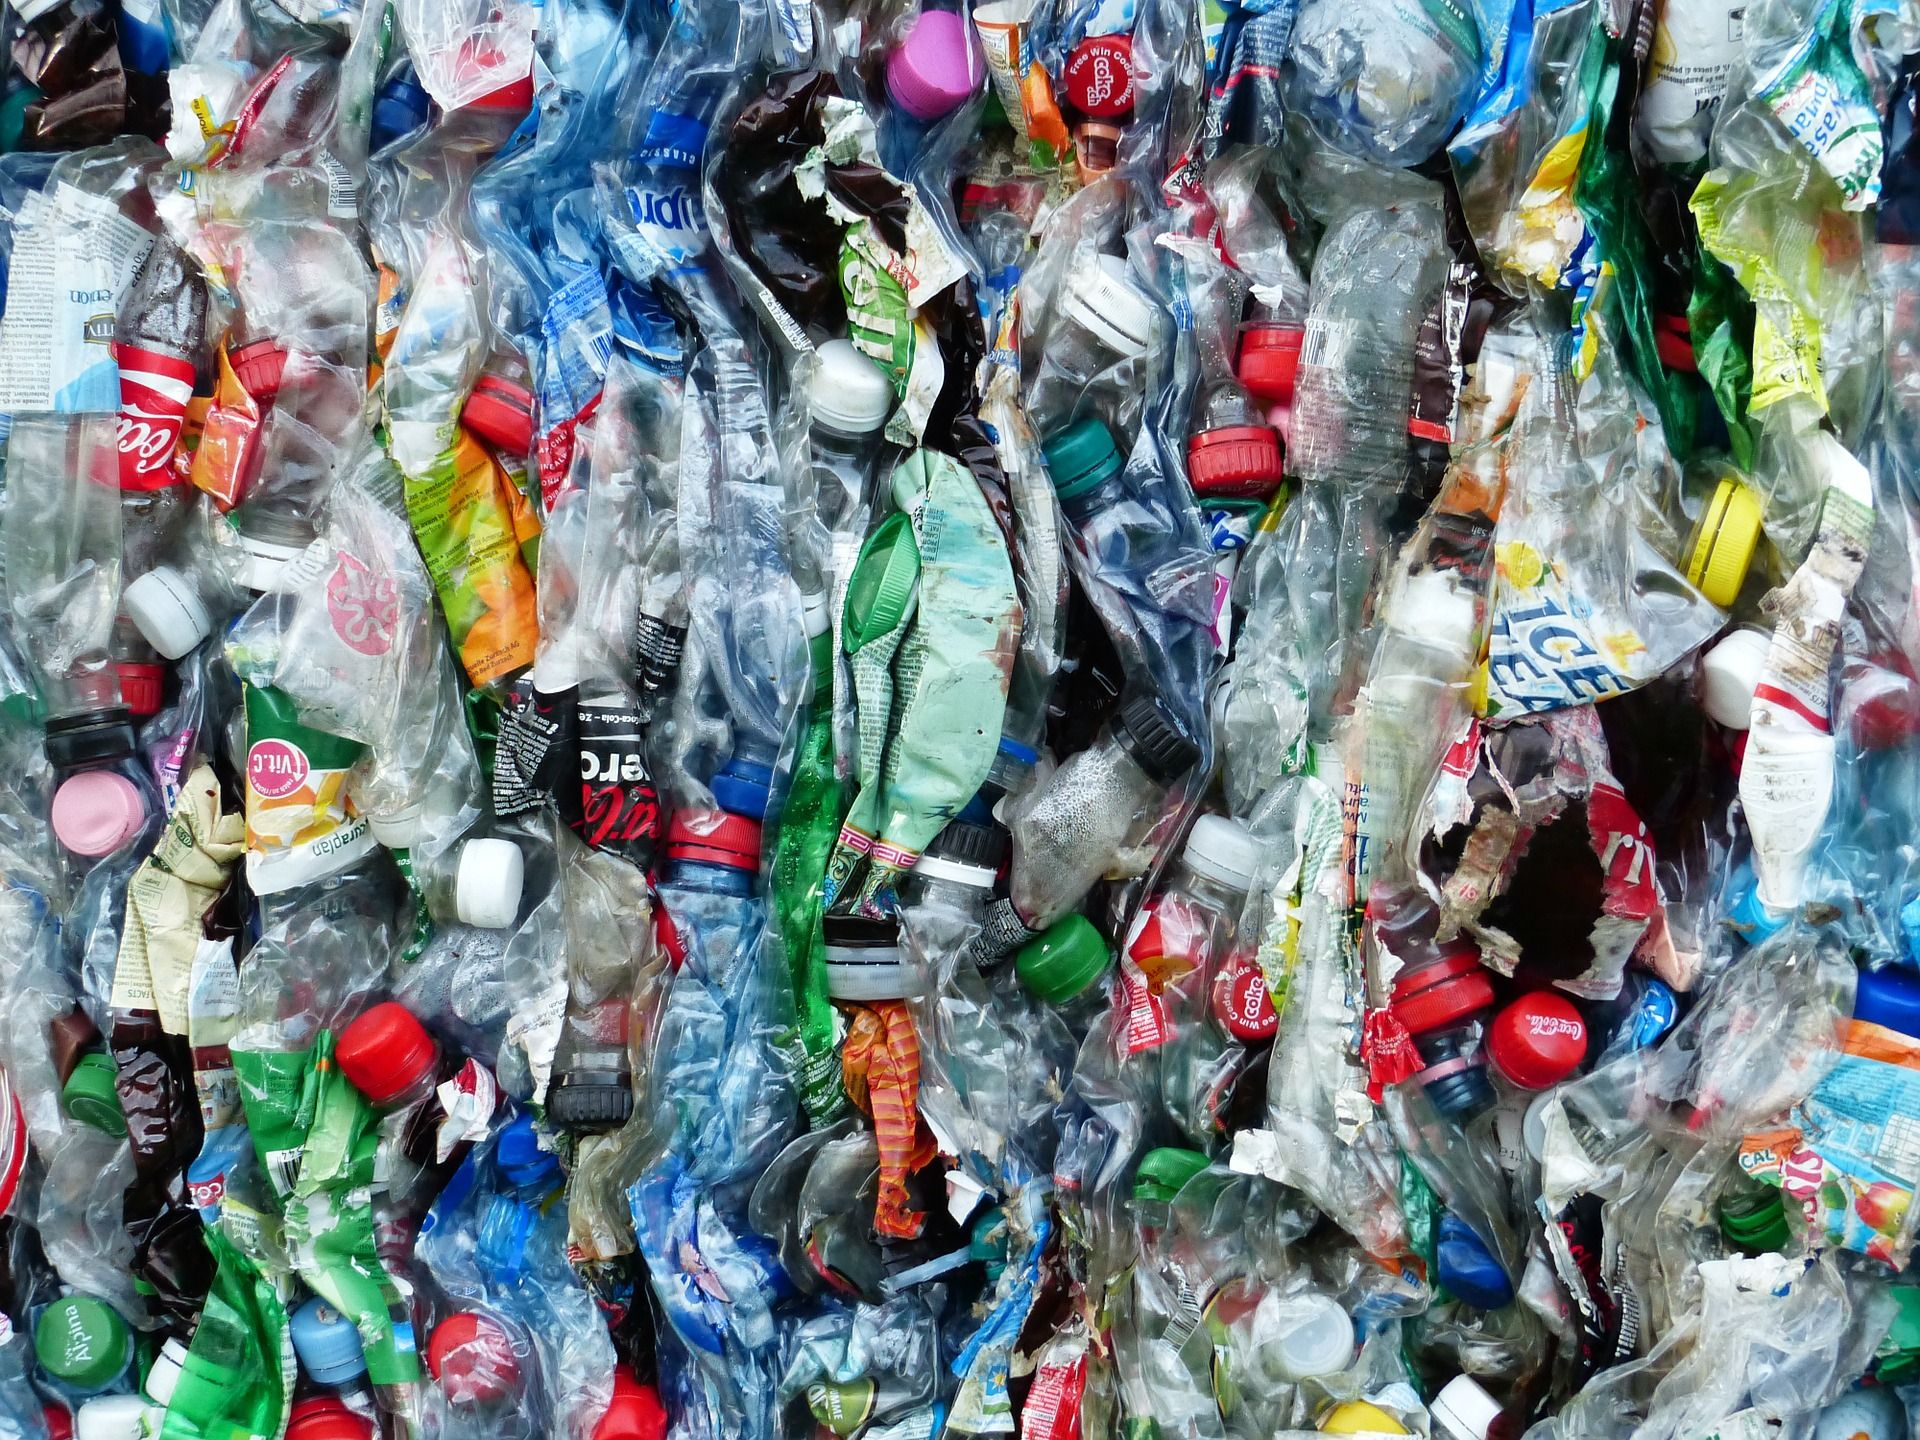 Lieven Scheire over eiwitten die plastic afbreken